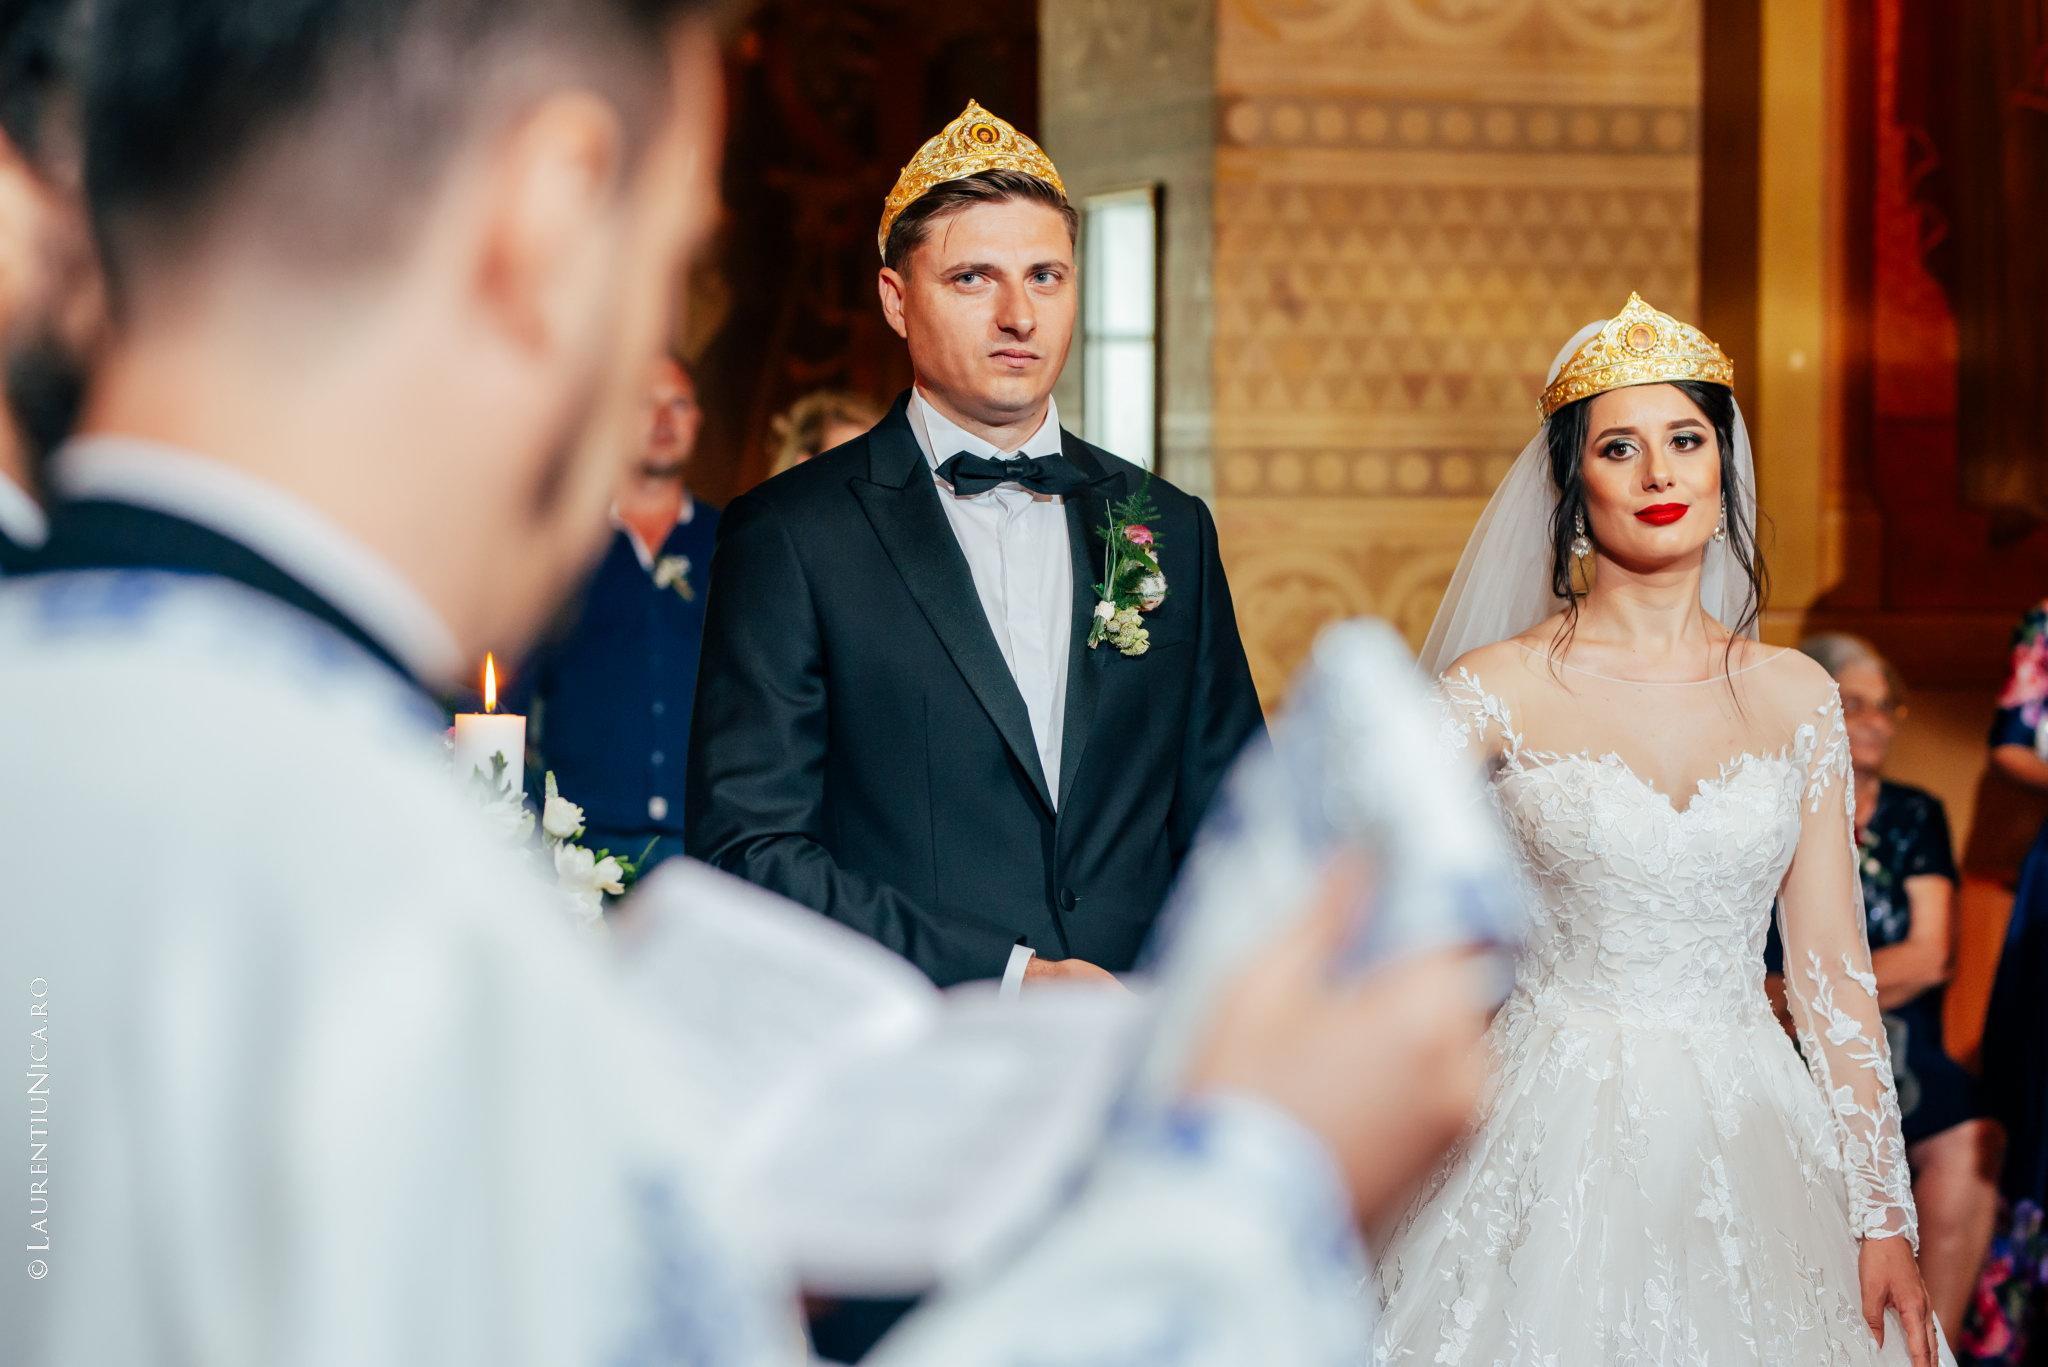 fotografii nunta denisa si florin craiova 26 - Denisa & Florin | Fotografii nunta | Craiova